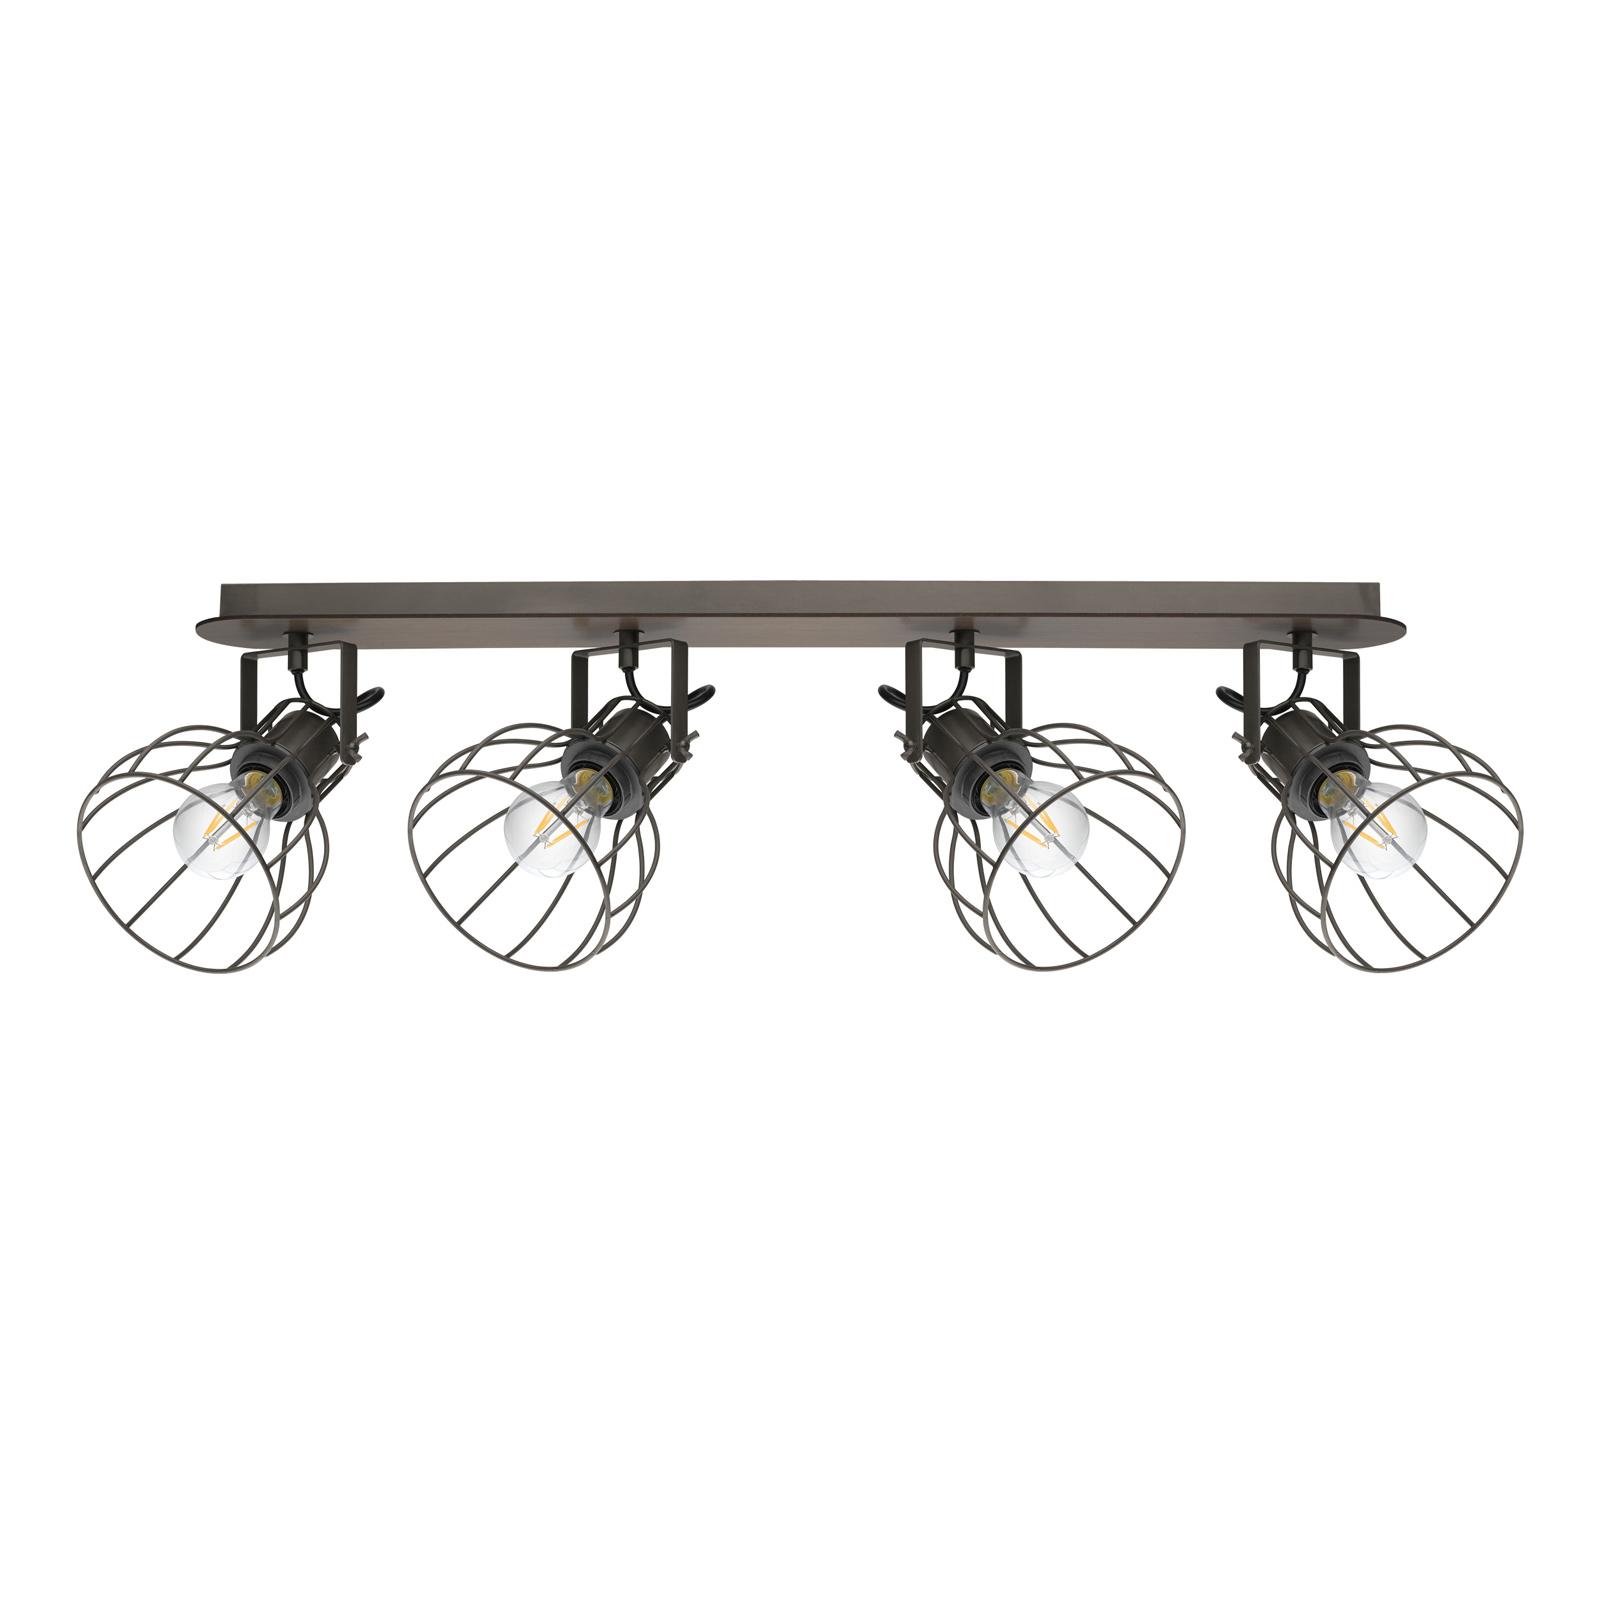 Plafondlamp Sambatello, 4-lamps